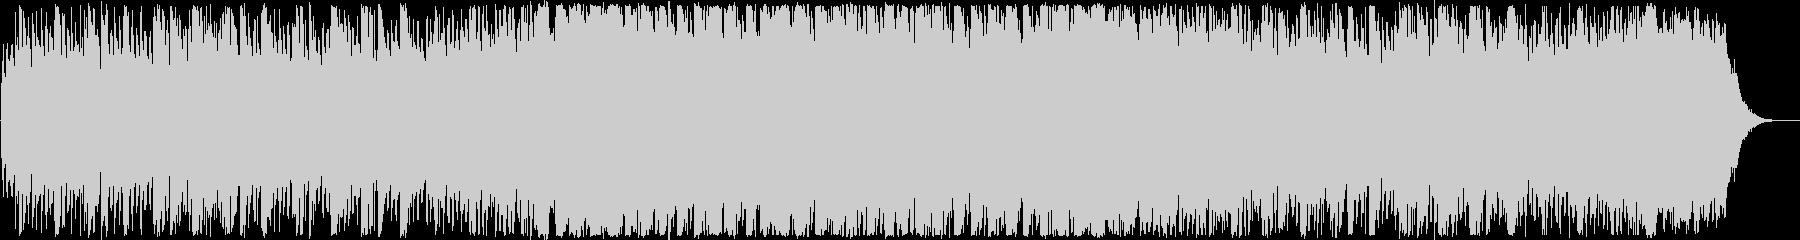 オープニング・キラキラ楽しい洋楽EDMの未再生の波形